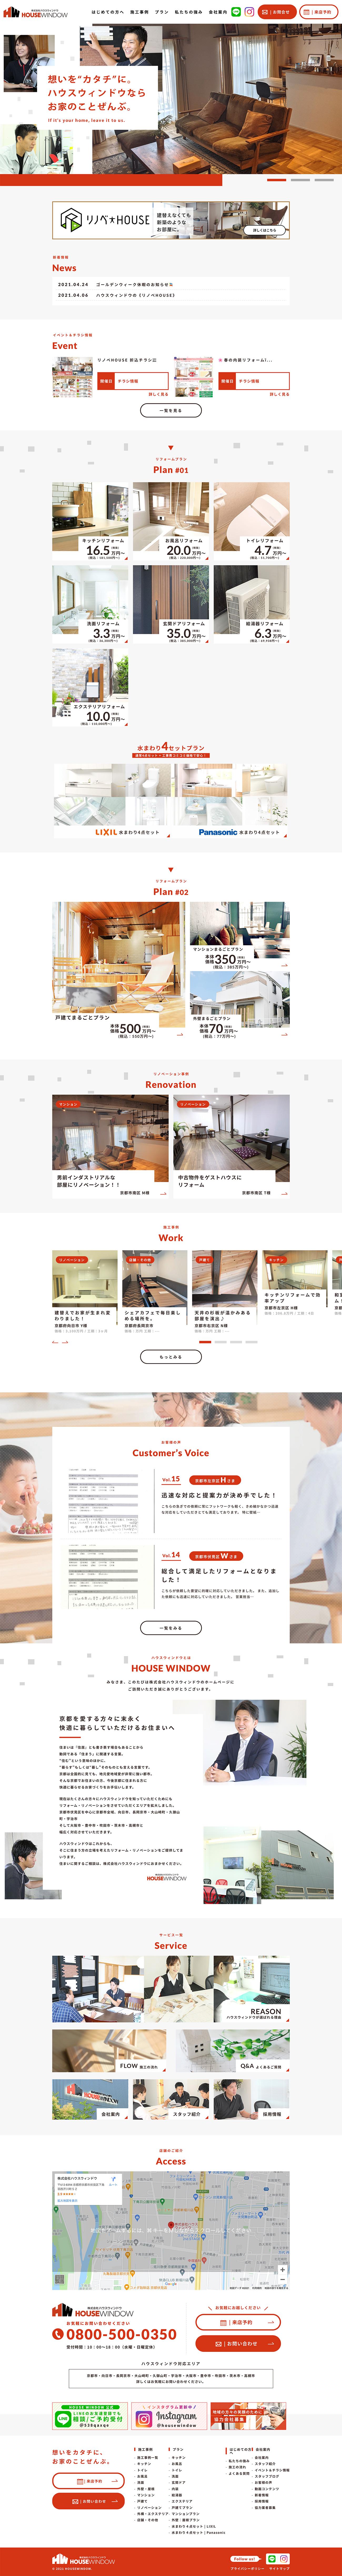 株式会社ハウスウィンドウ 様 PCデザイン